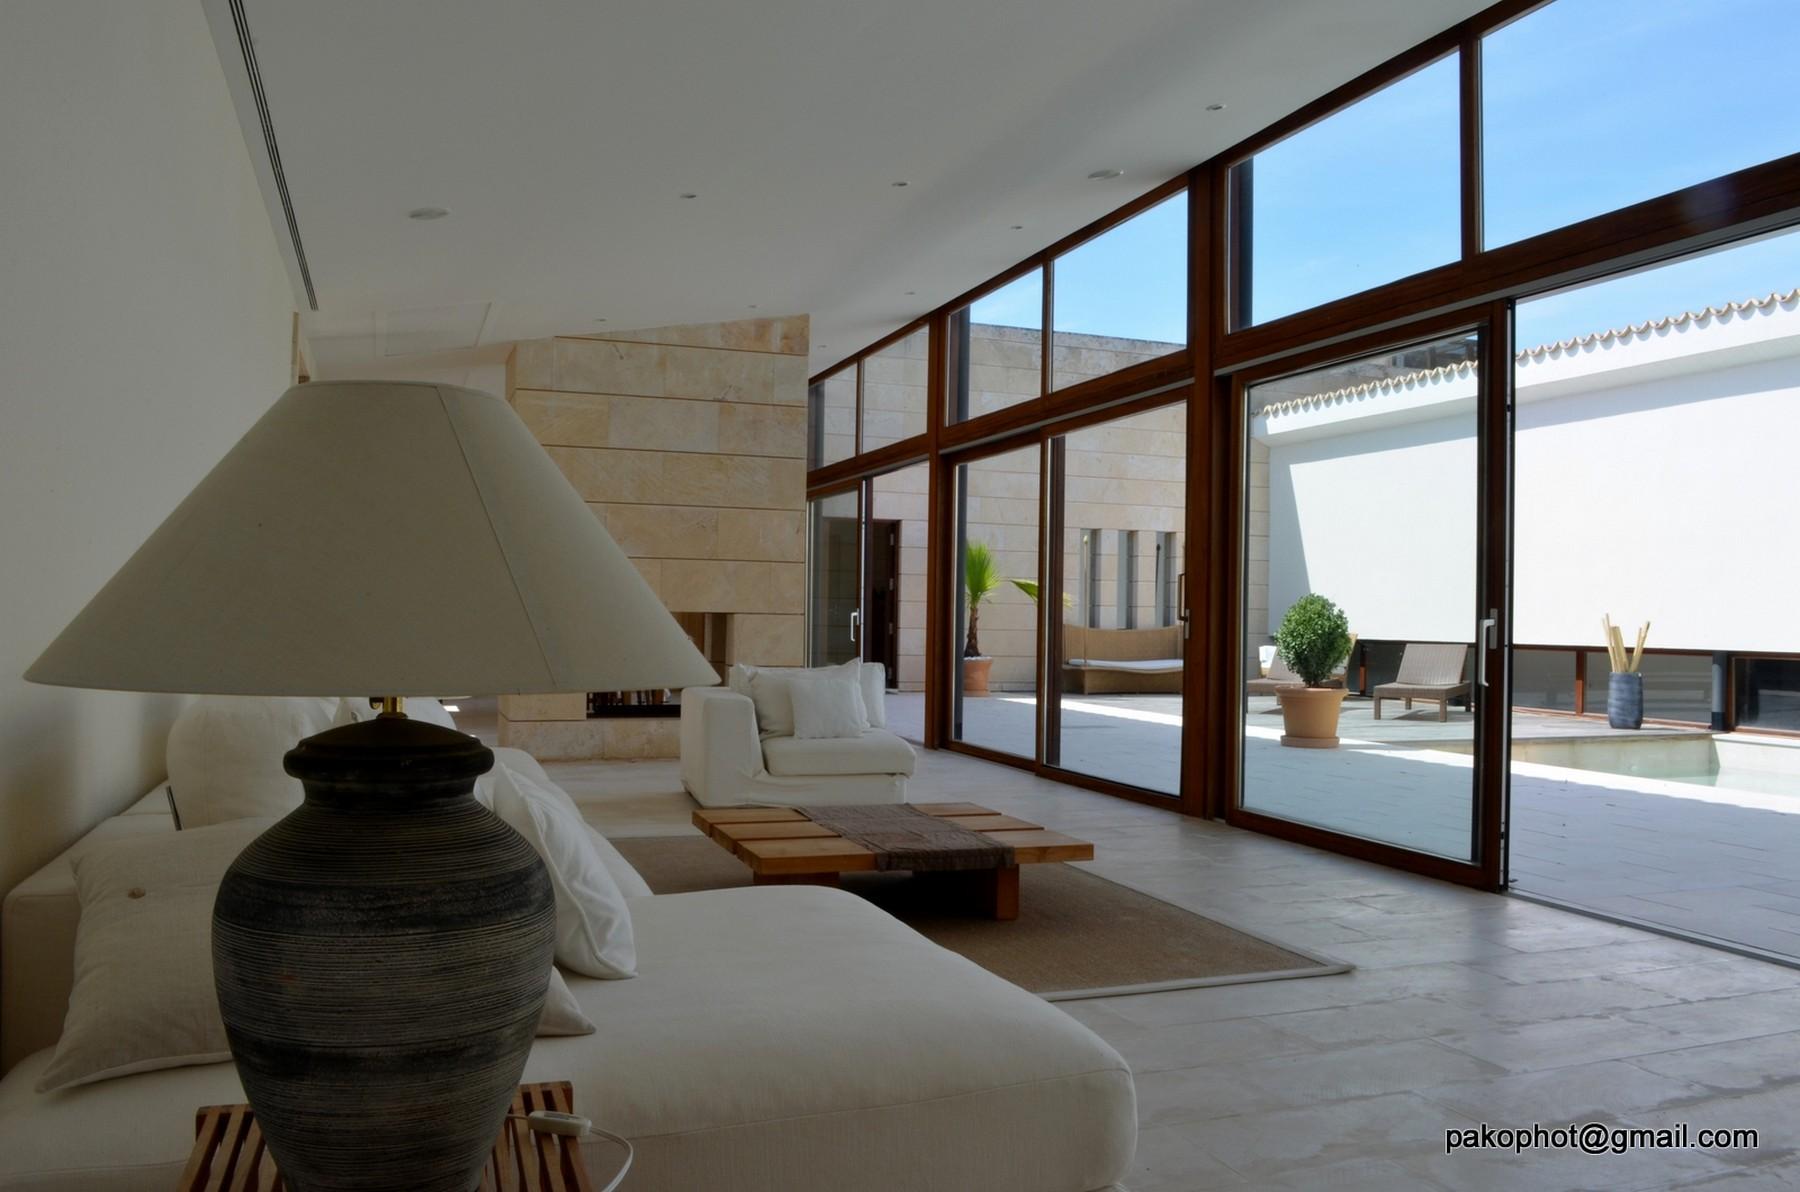 独户住宅 为 销售 在 Villa in Santa Margalida 阿尔库迪亚, 马洛卡 07570 西班牙